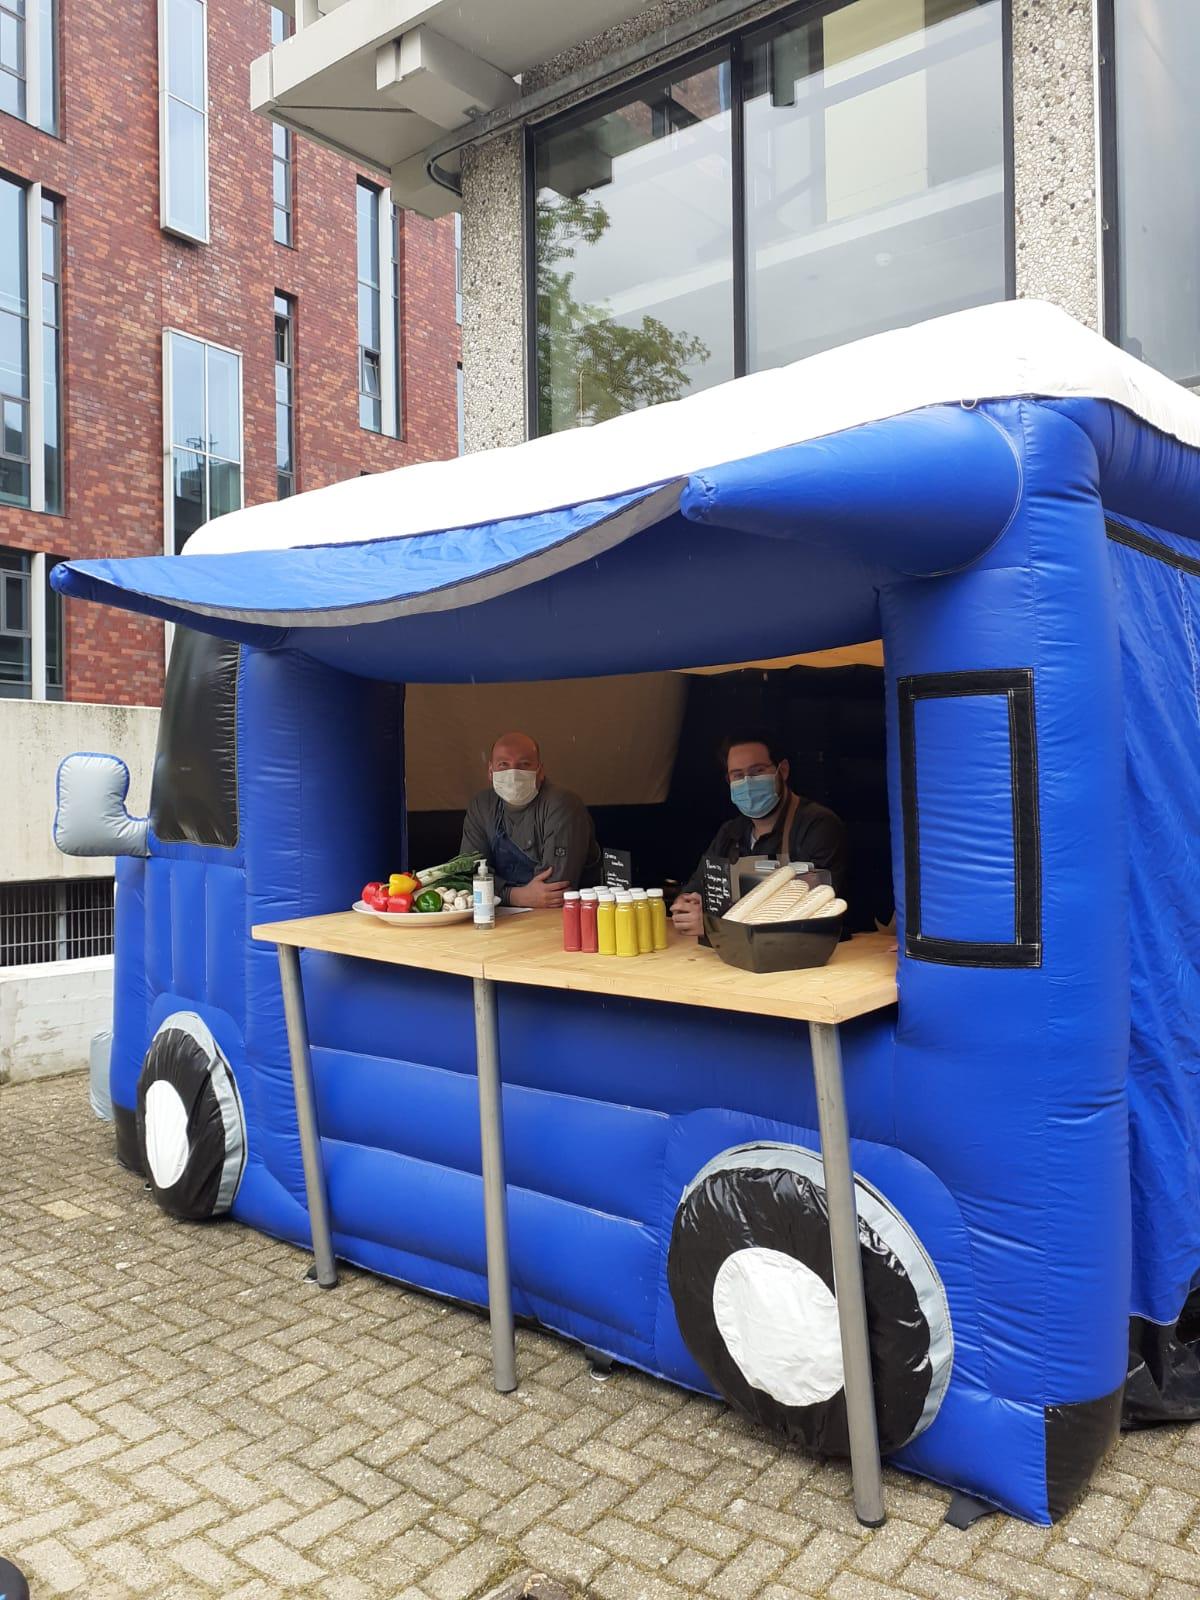 Blauwe opblaasbare foodtruck op het campusplein, met erin twee medewerkers van de cateraar Eurest die mondkapjes dragen.